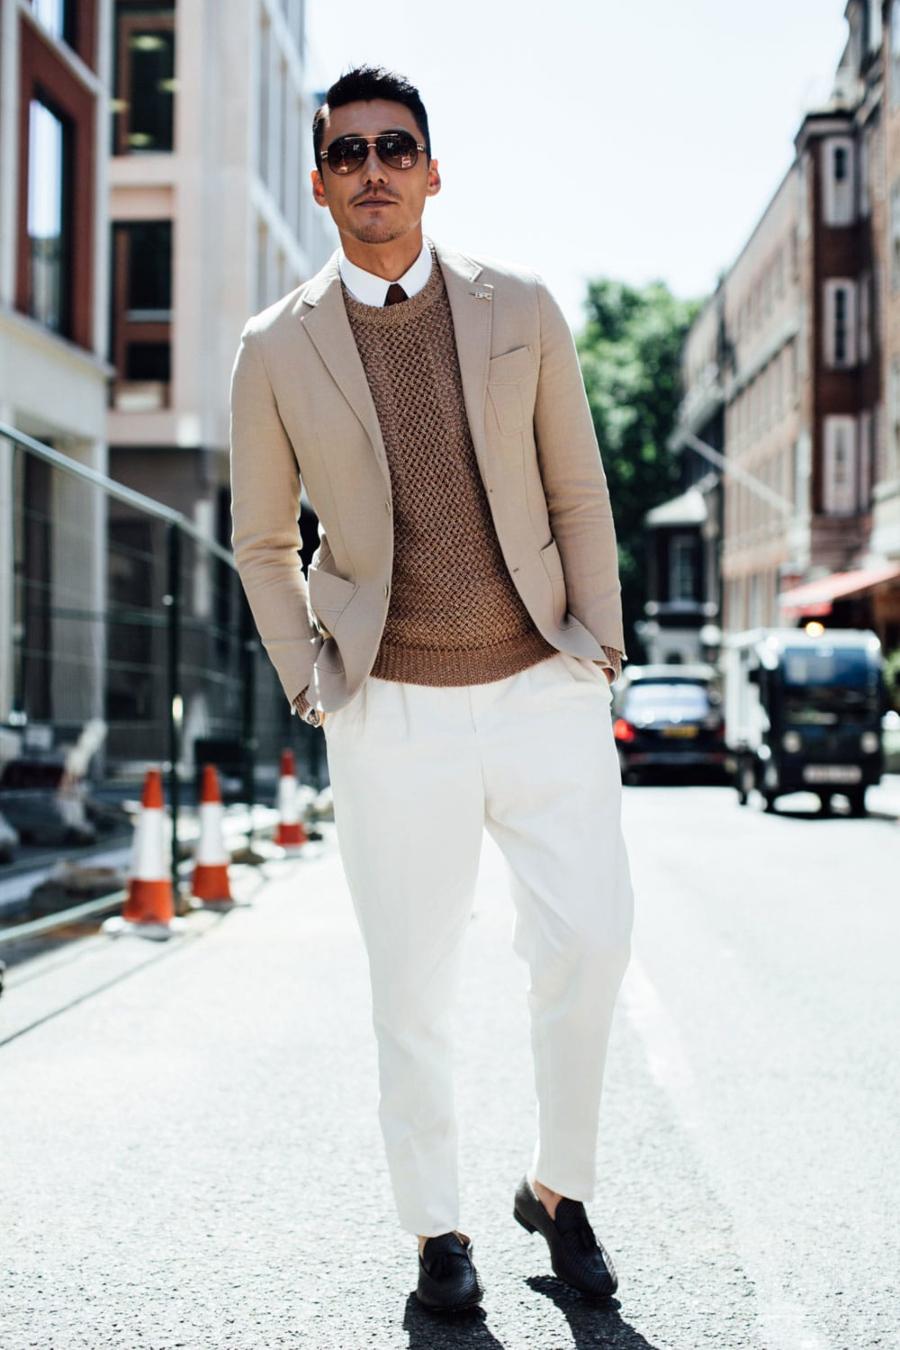 người đàn ông mặc vest trắng đi trên phố